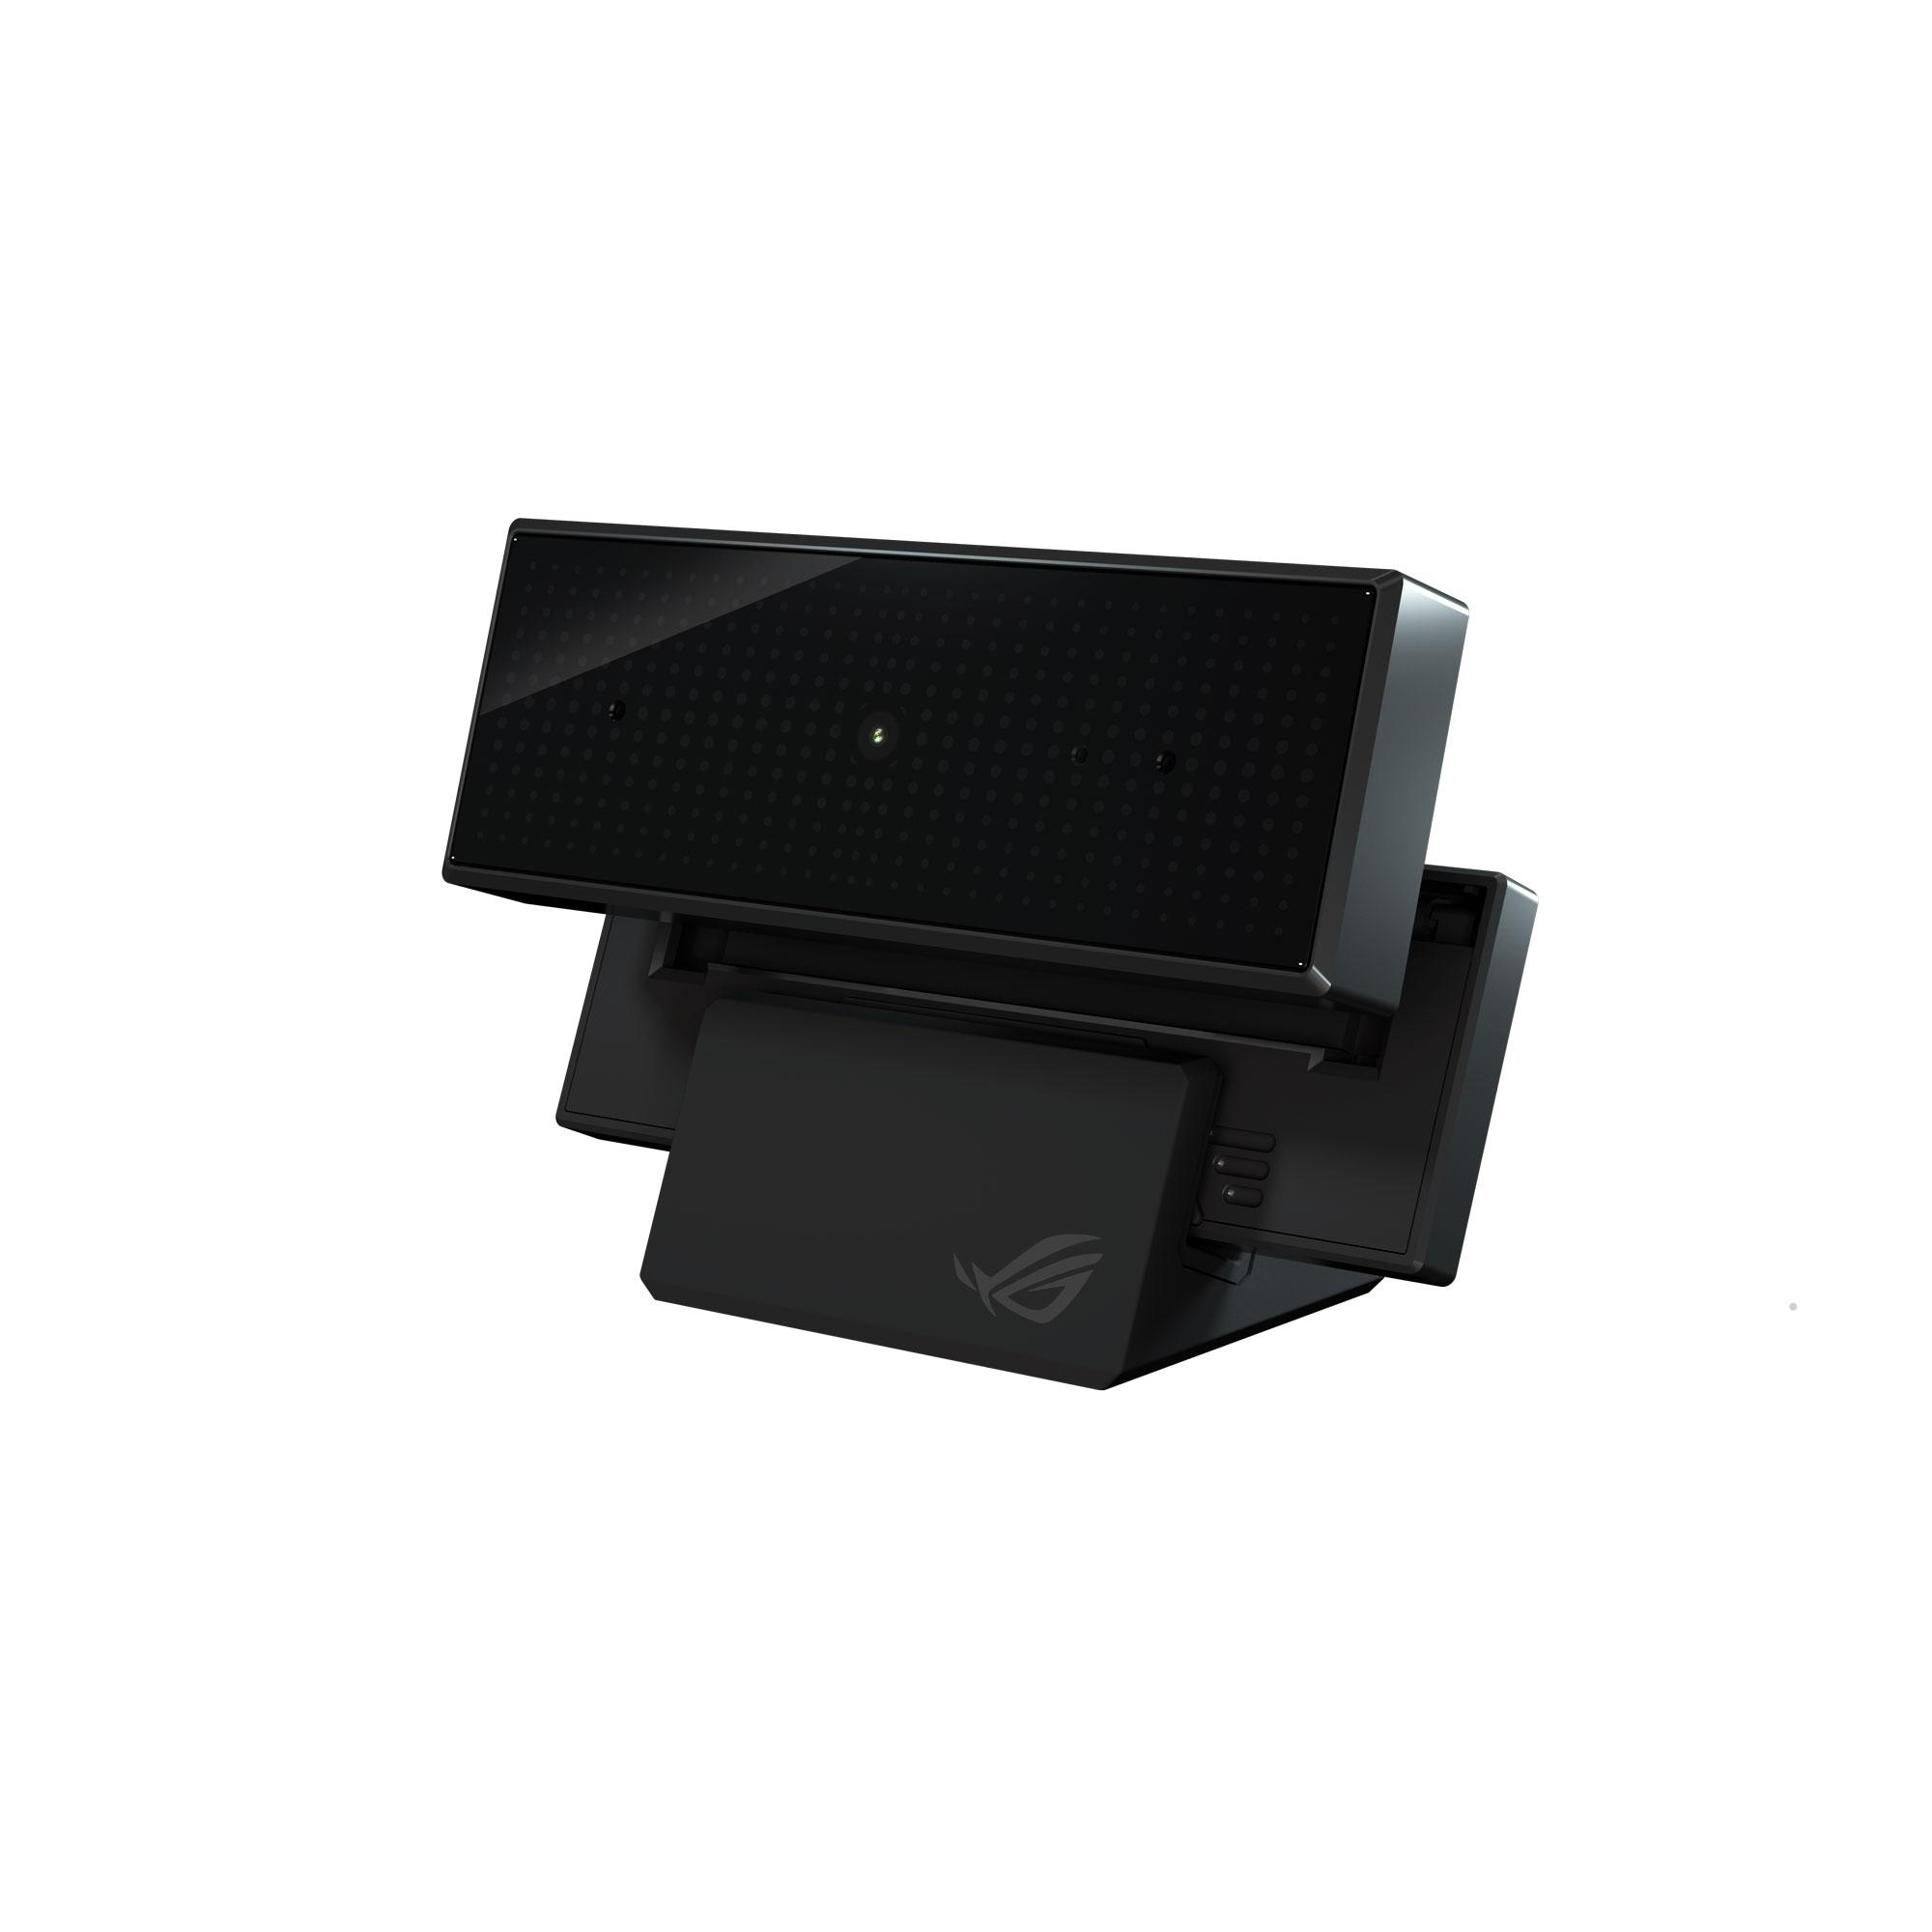 Новый игровой ноутбук Asus Zephyrus SGX701 для самых продвинутых геймеров